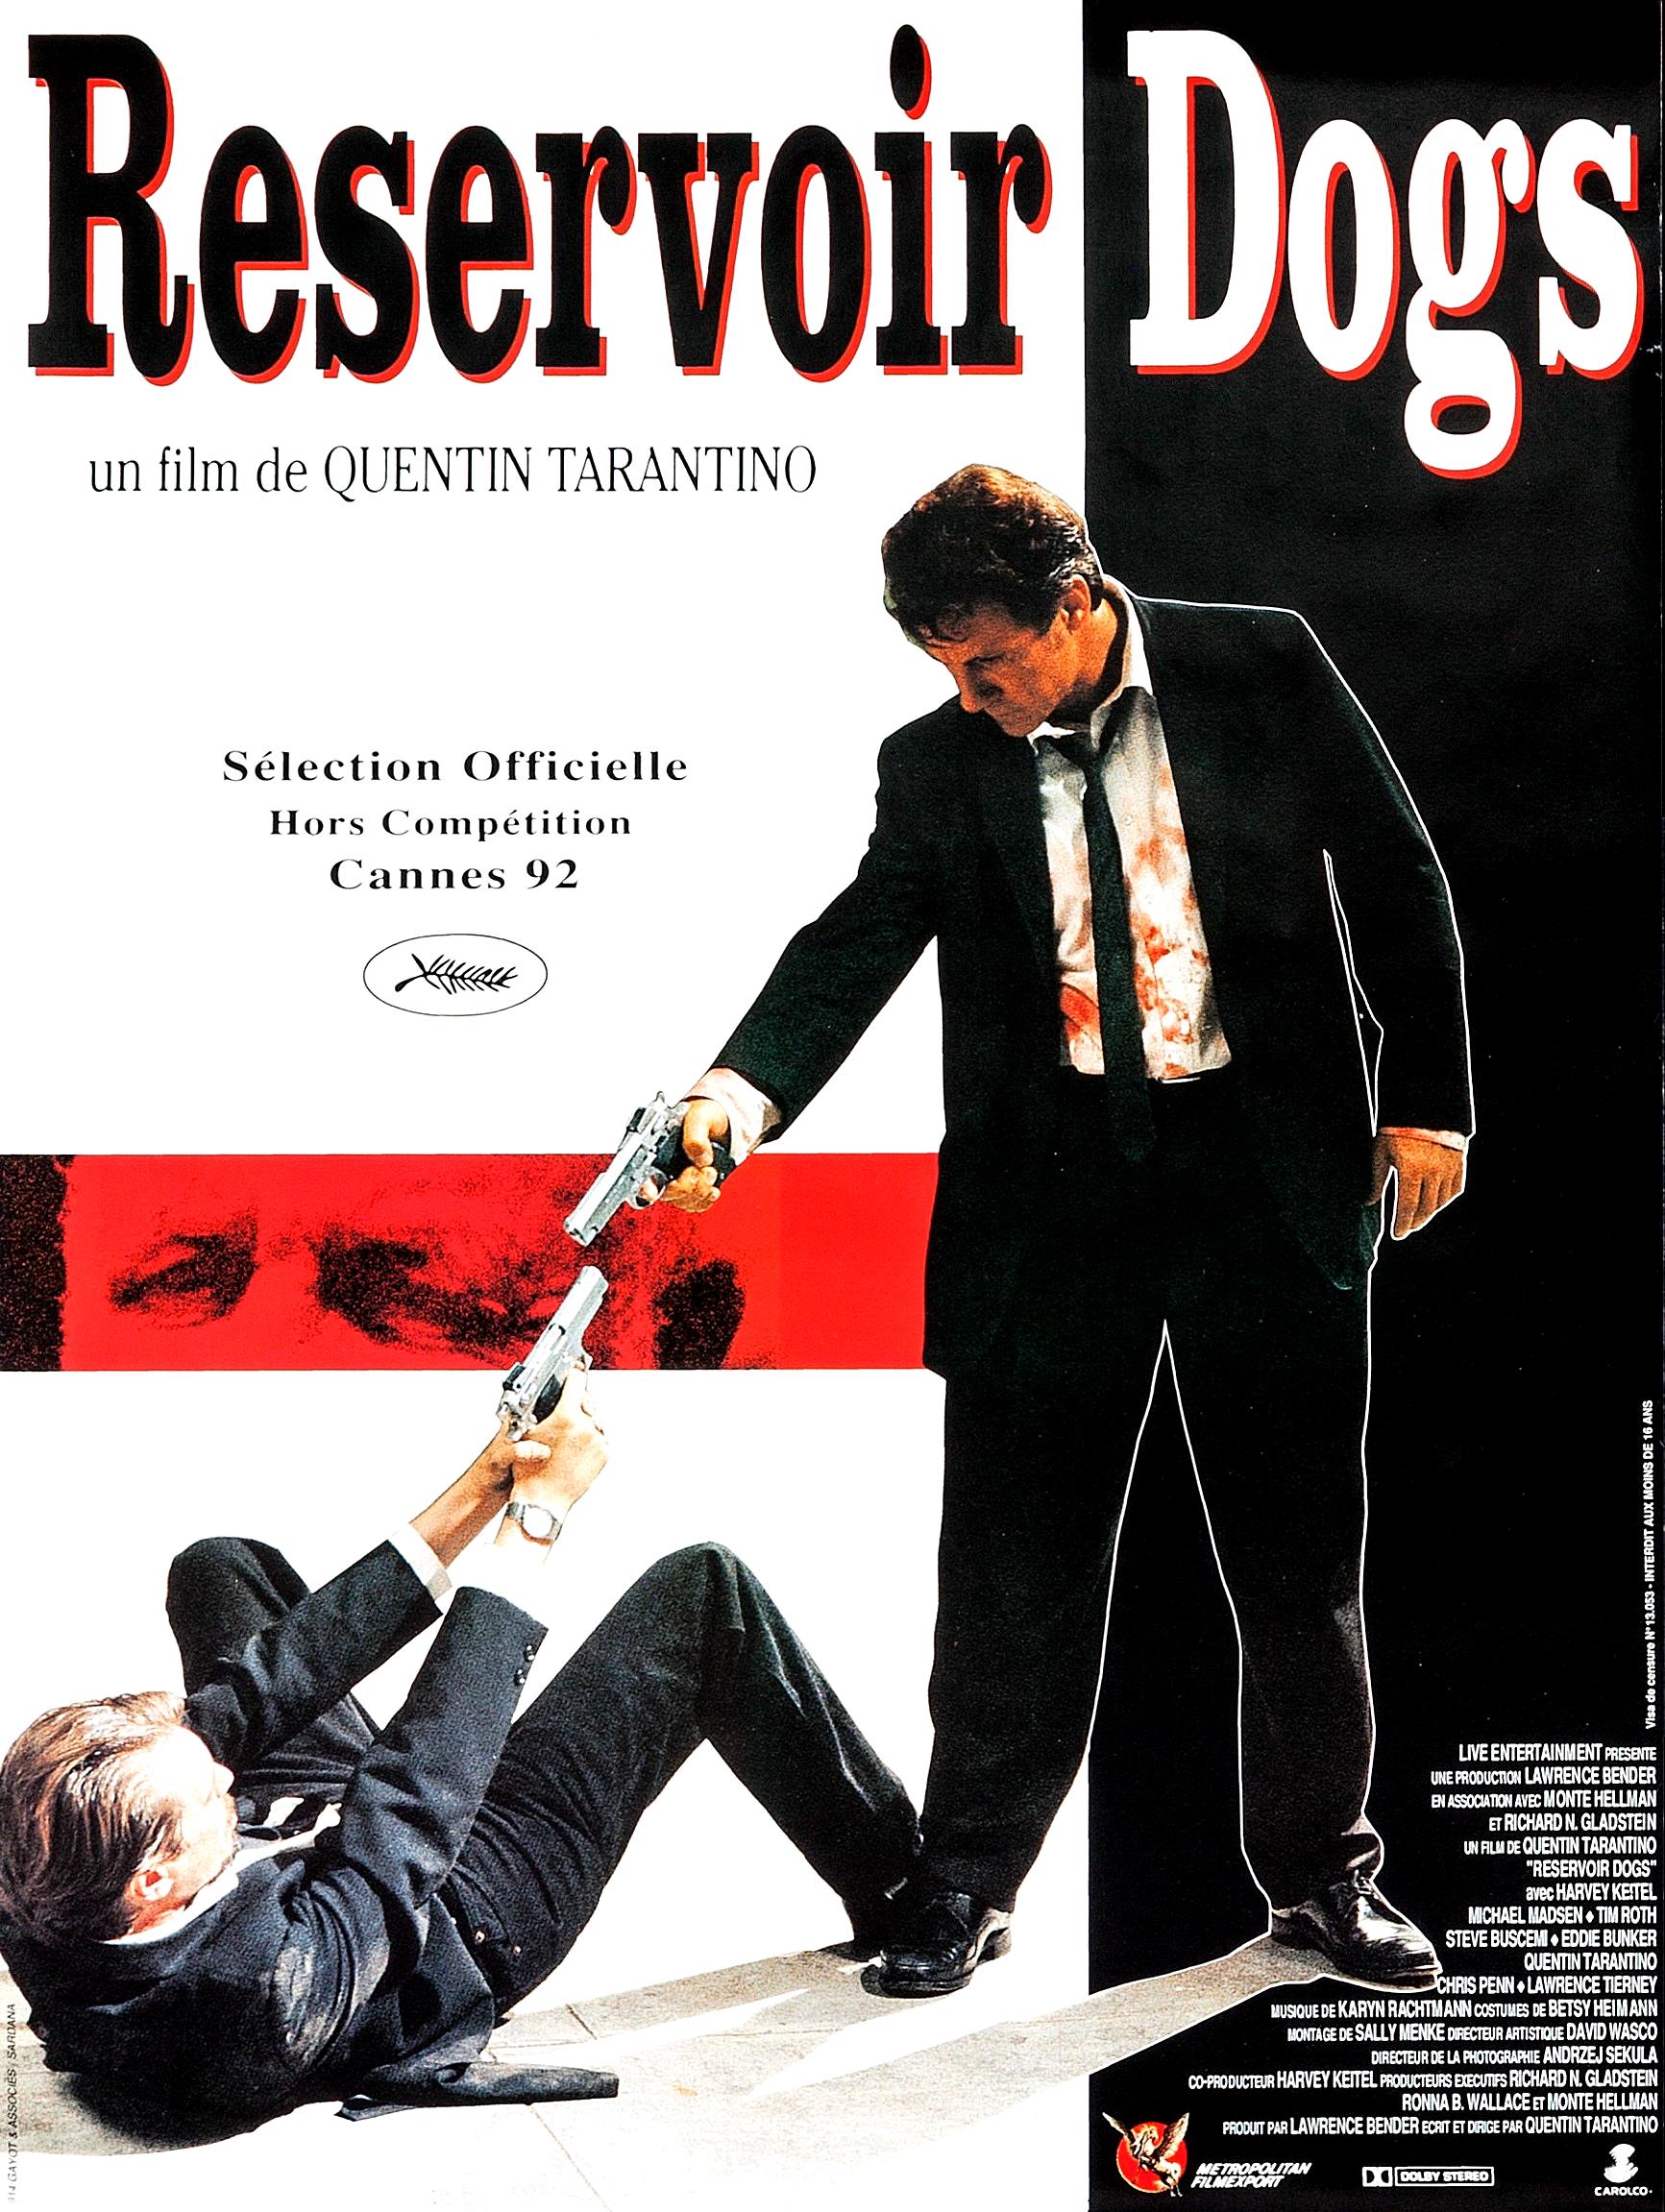 Le topic du cinéma ; le dernier film que vous avez vu ? - Page 23 Reservoir_Dogs